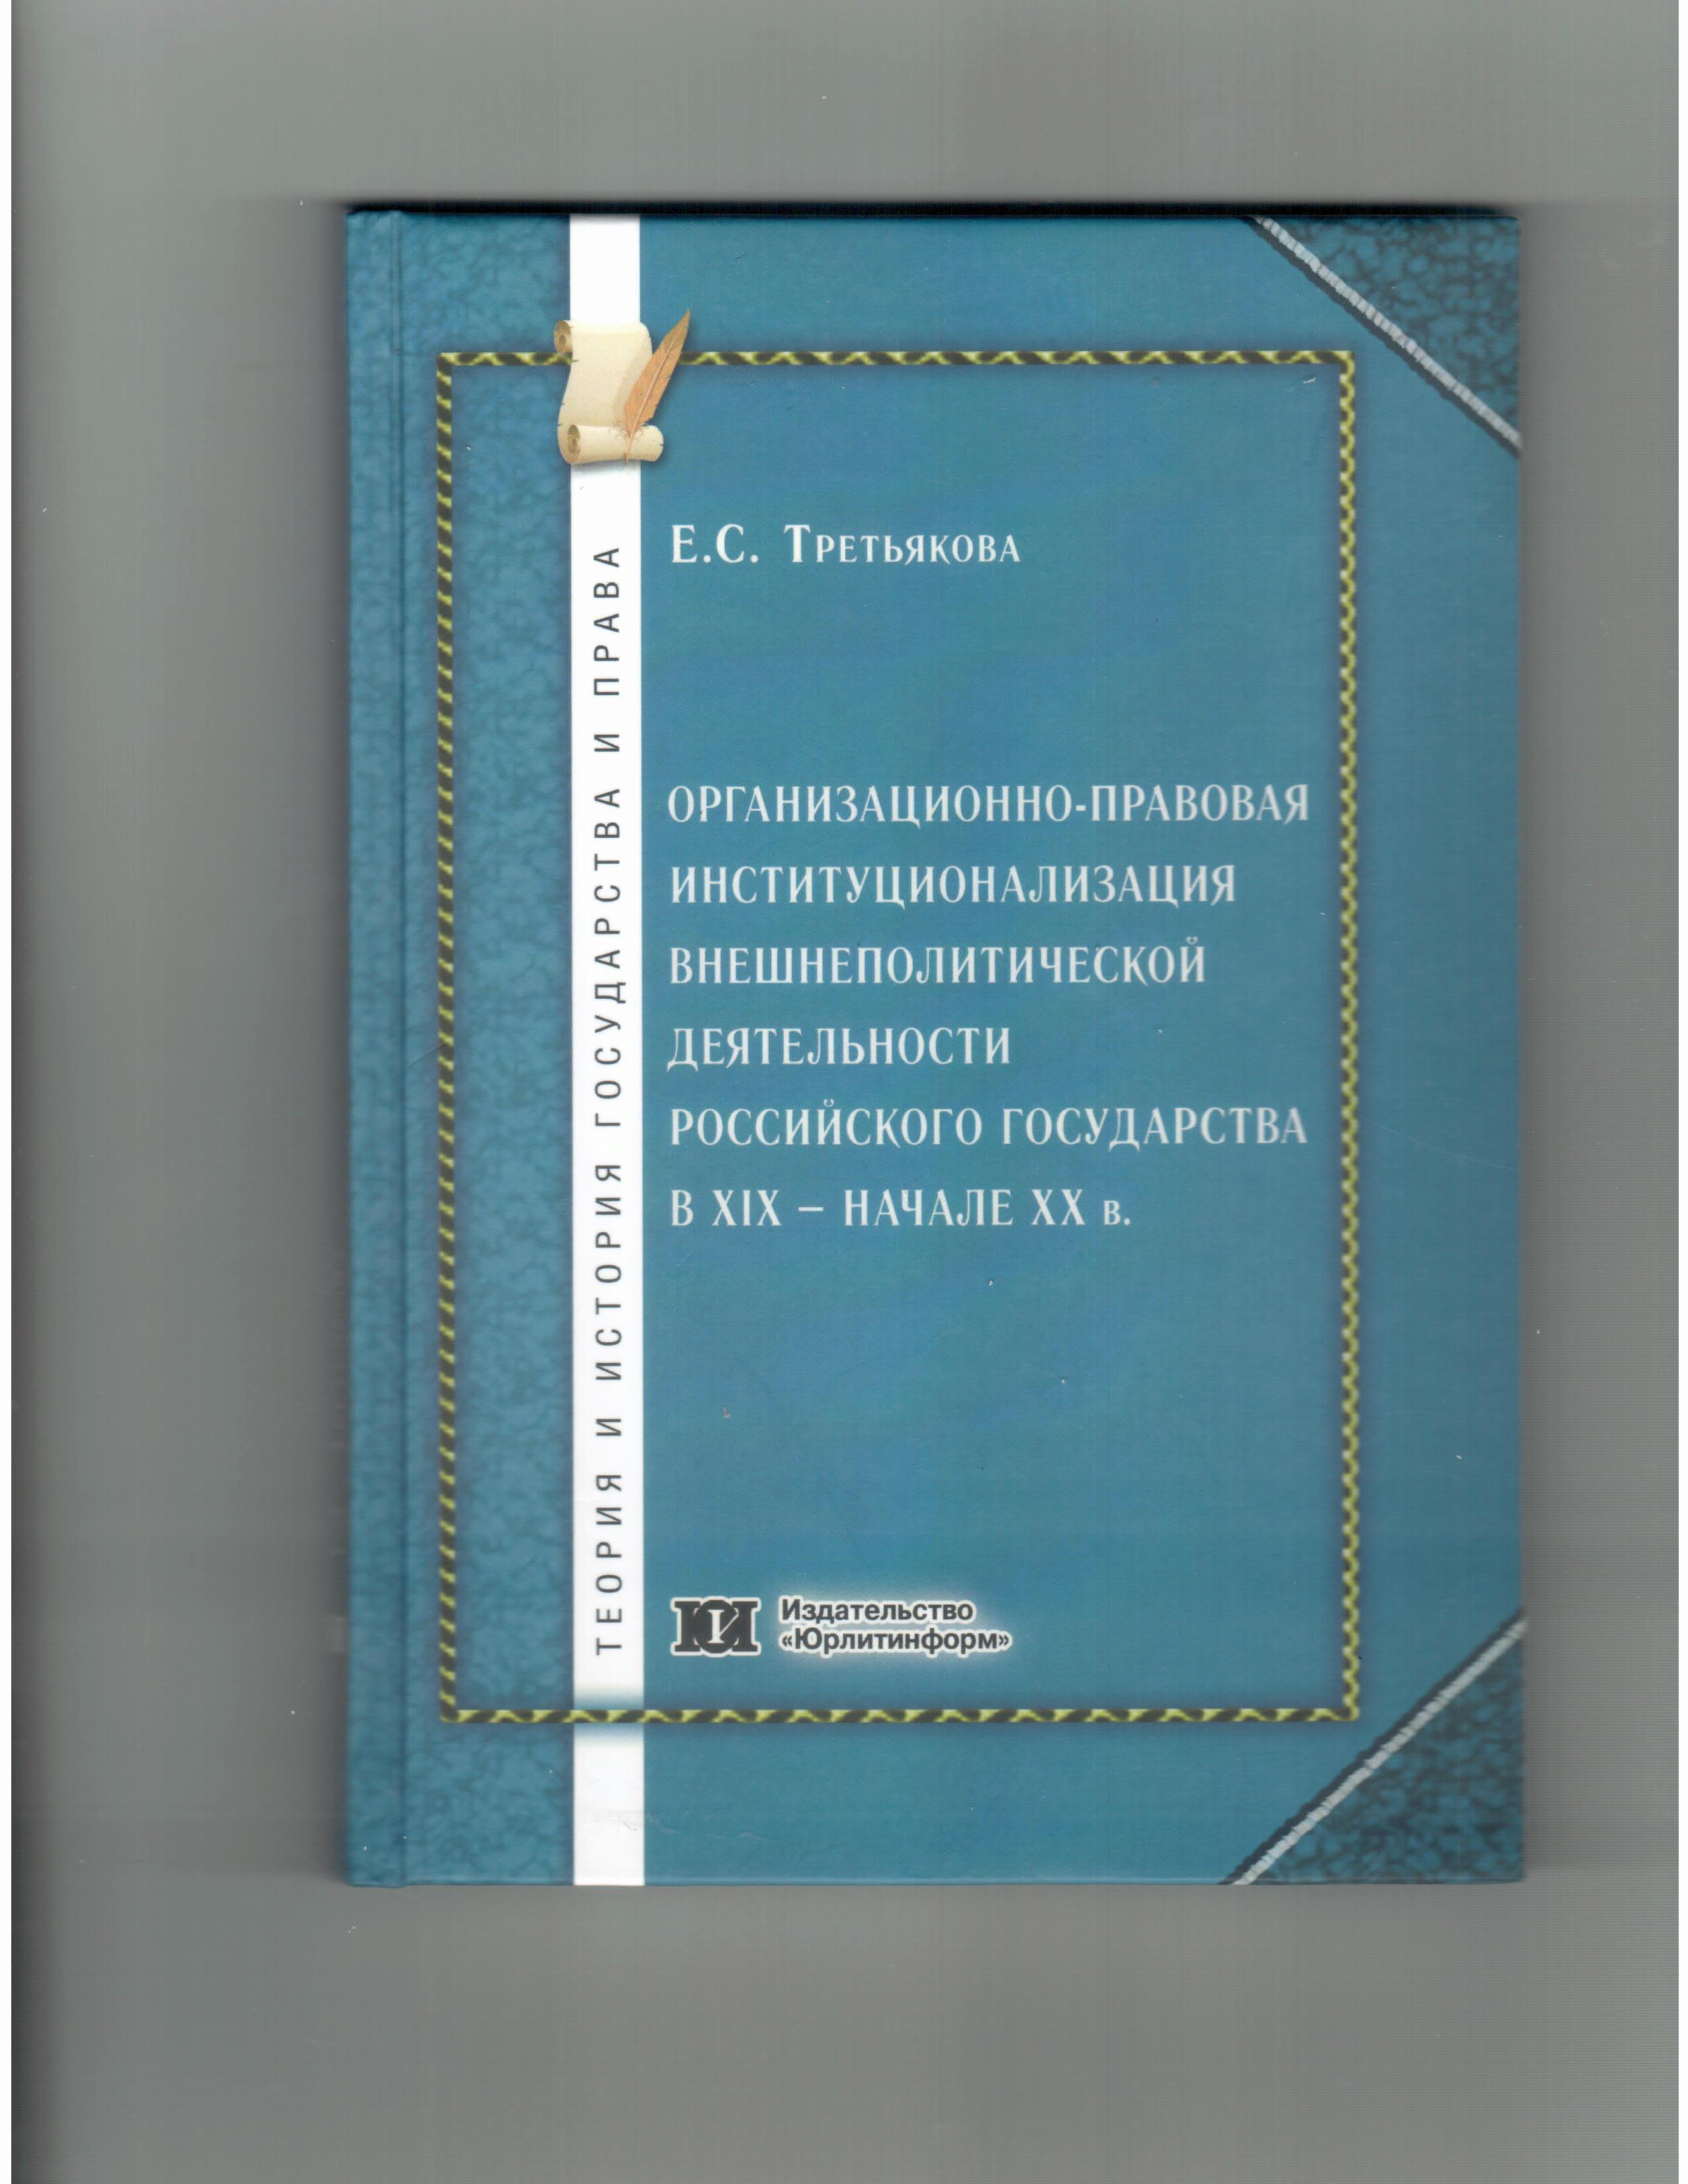 Организационно- правовая институционализация внешнеполитической деятельности Российского государства в XIX - начале XX в.